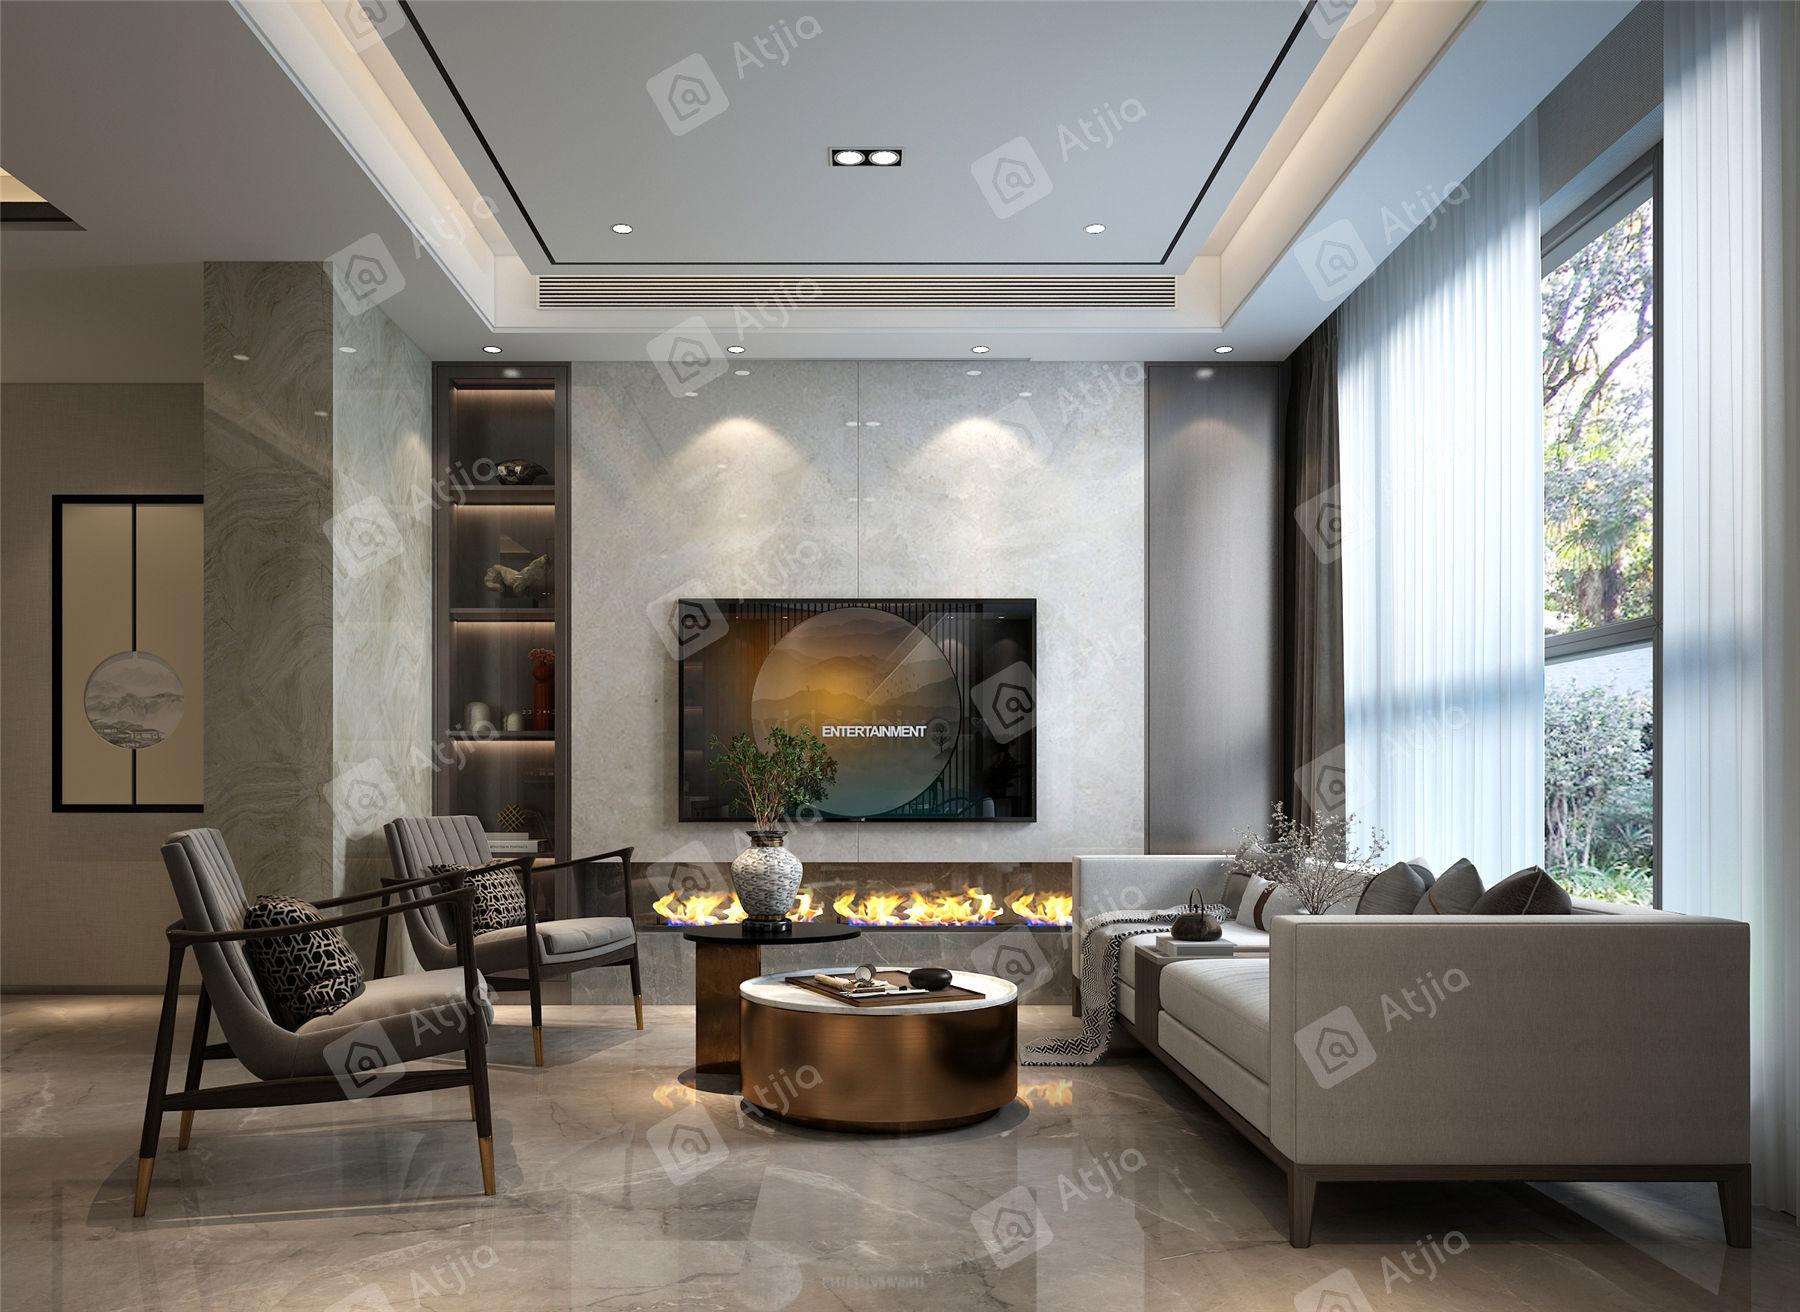 万濠瑜园 新中式装修客厅效果图